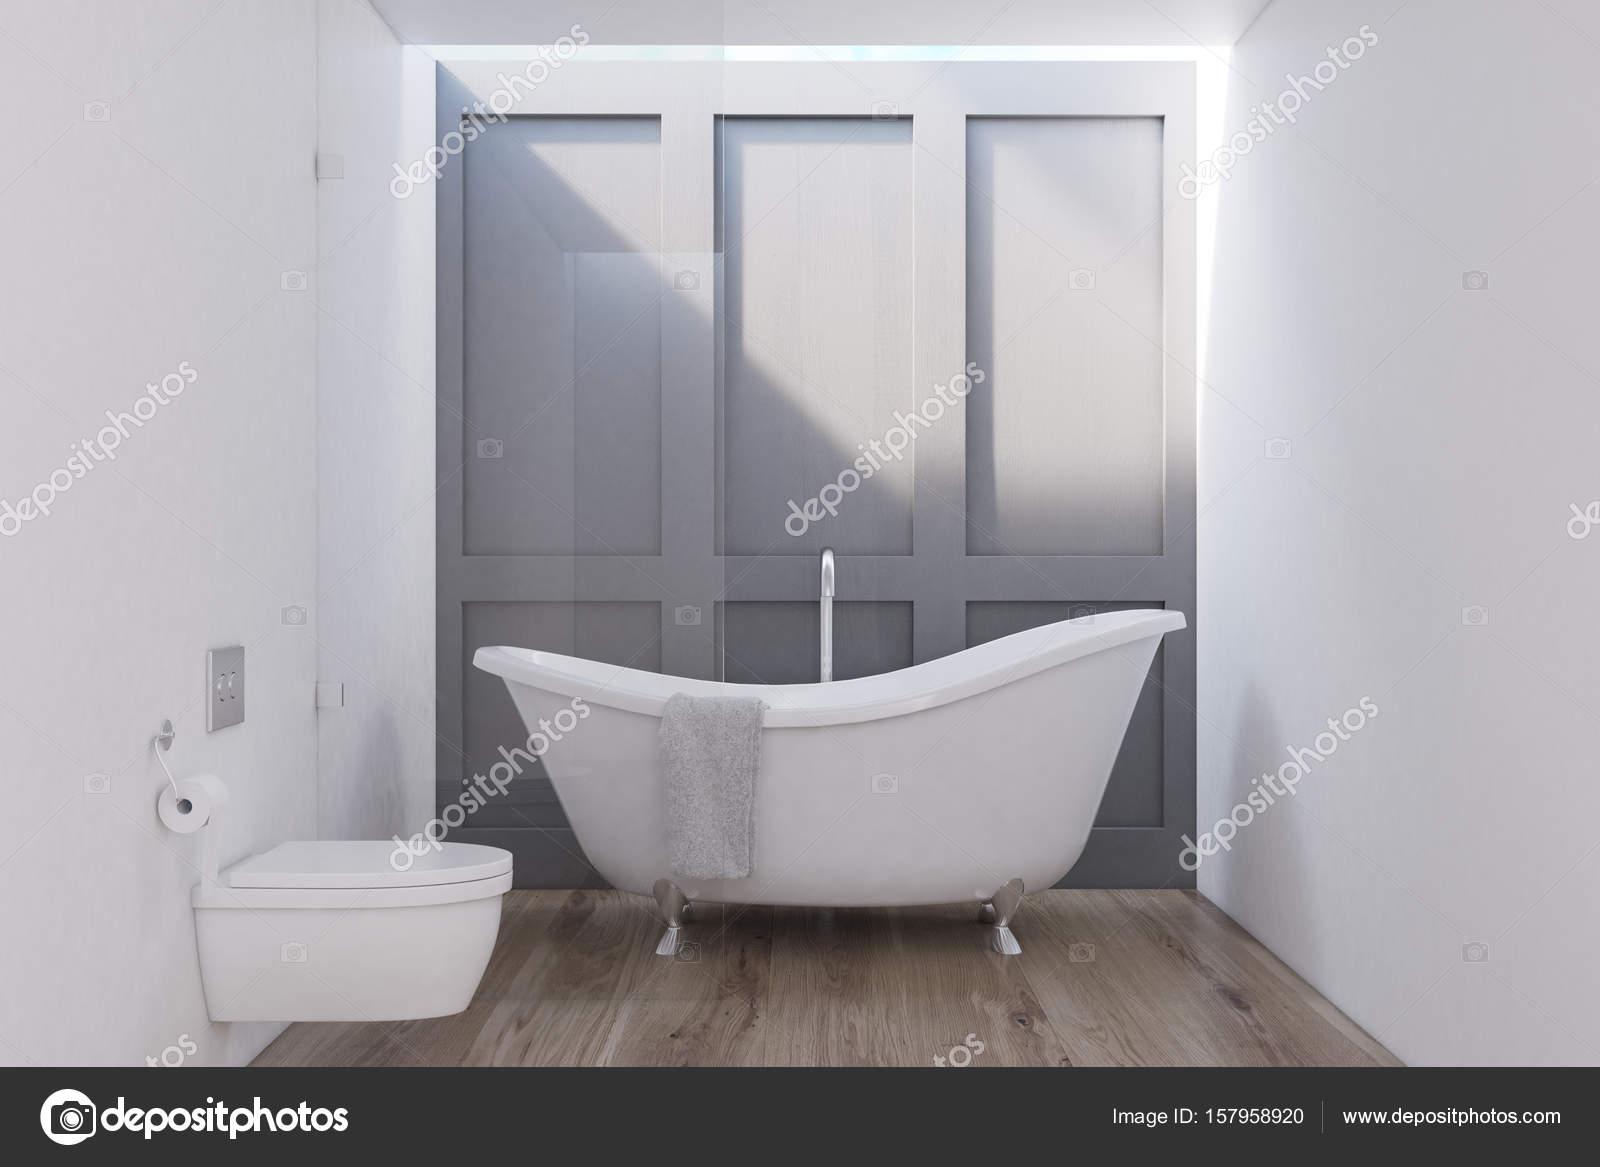 Badezimmer Interieur Mit Einem Weißen WC Stehen In Der Nähe Von Einer  Hölzernen Wand Und Boden. Eine Geschwungene Weiße Badewanne.